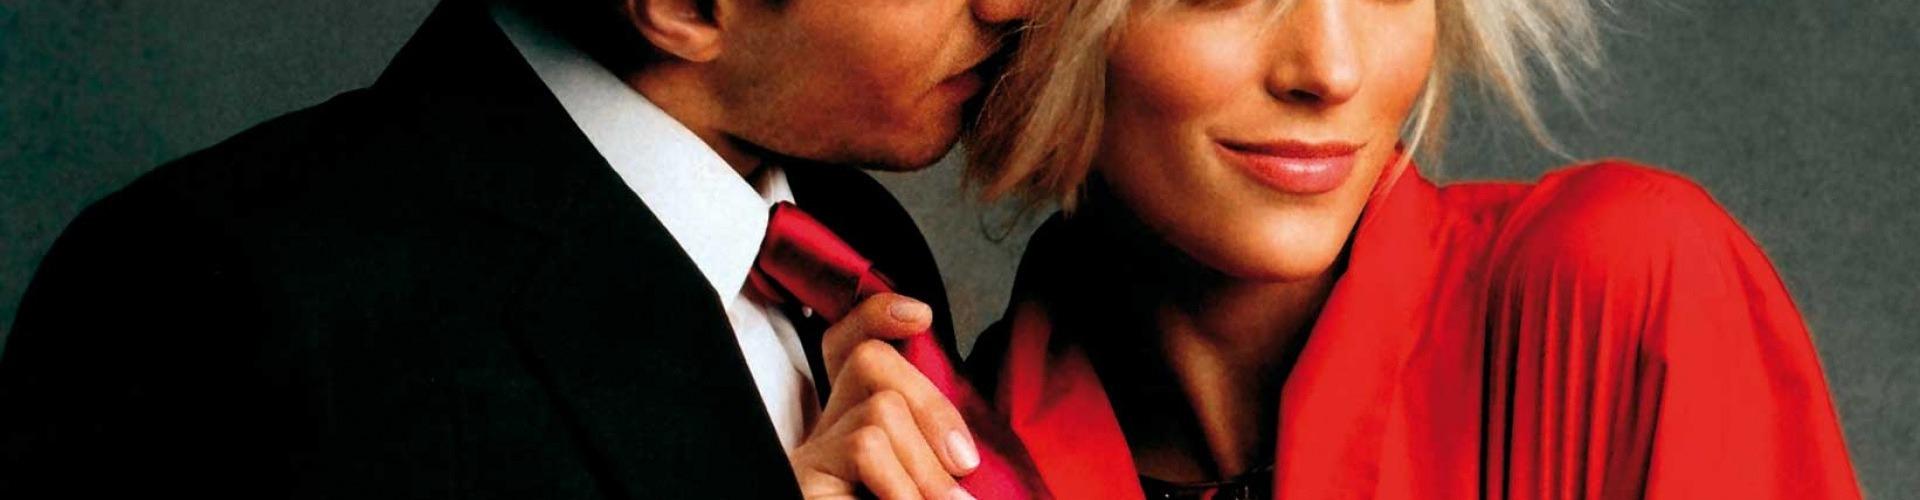 Rangsorolt matchmaking dota 2 hogyan működik